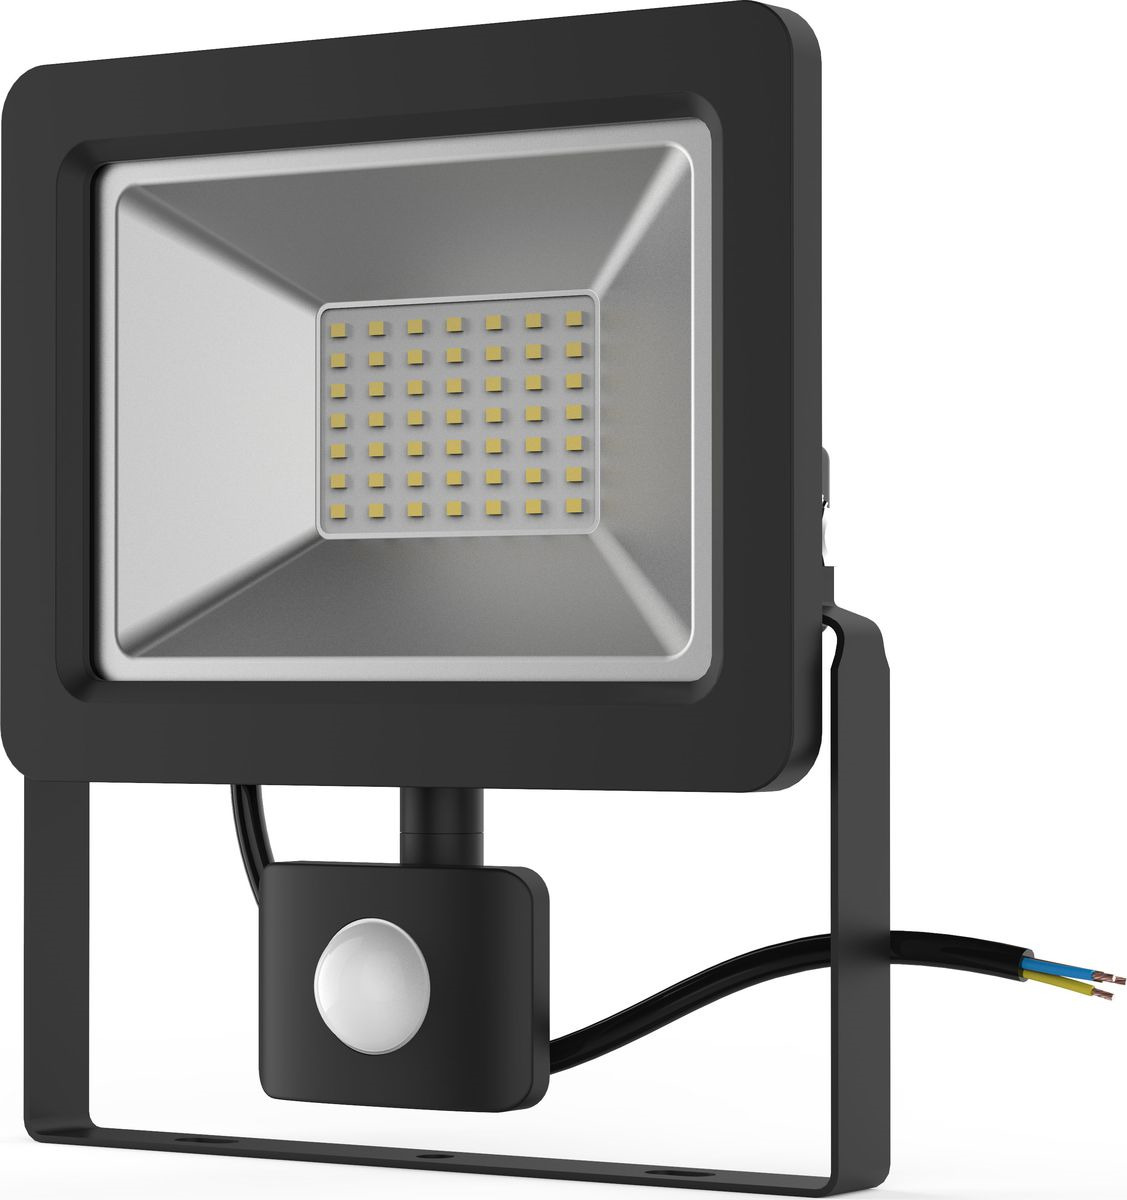 купить Прожектор Gauss LED светодиодный 50W, 3500Лм, IP65, 6500К, 1/18, 50 Вт онлайн